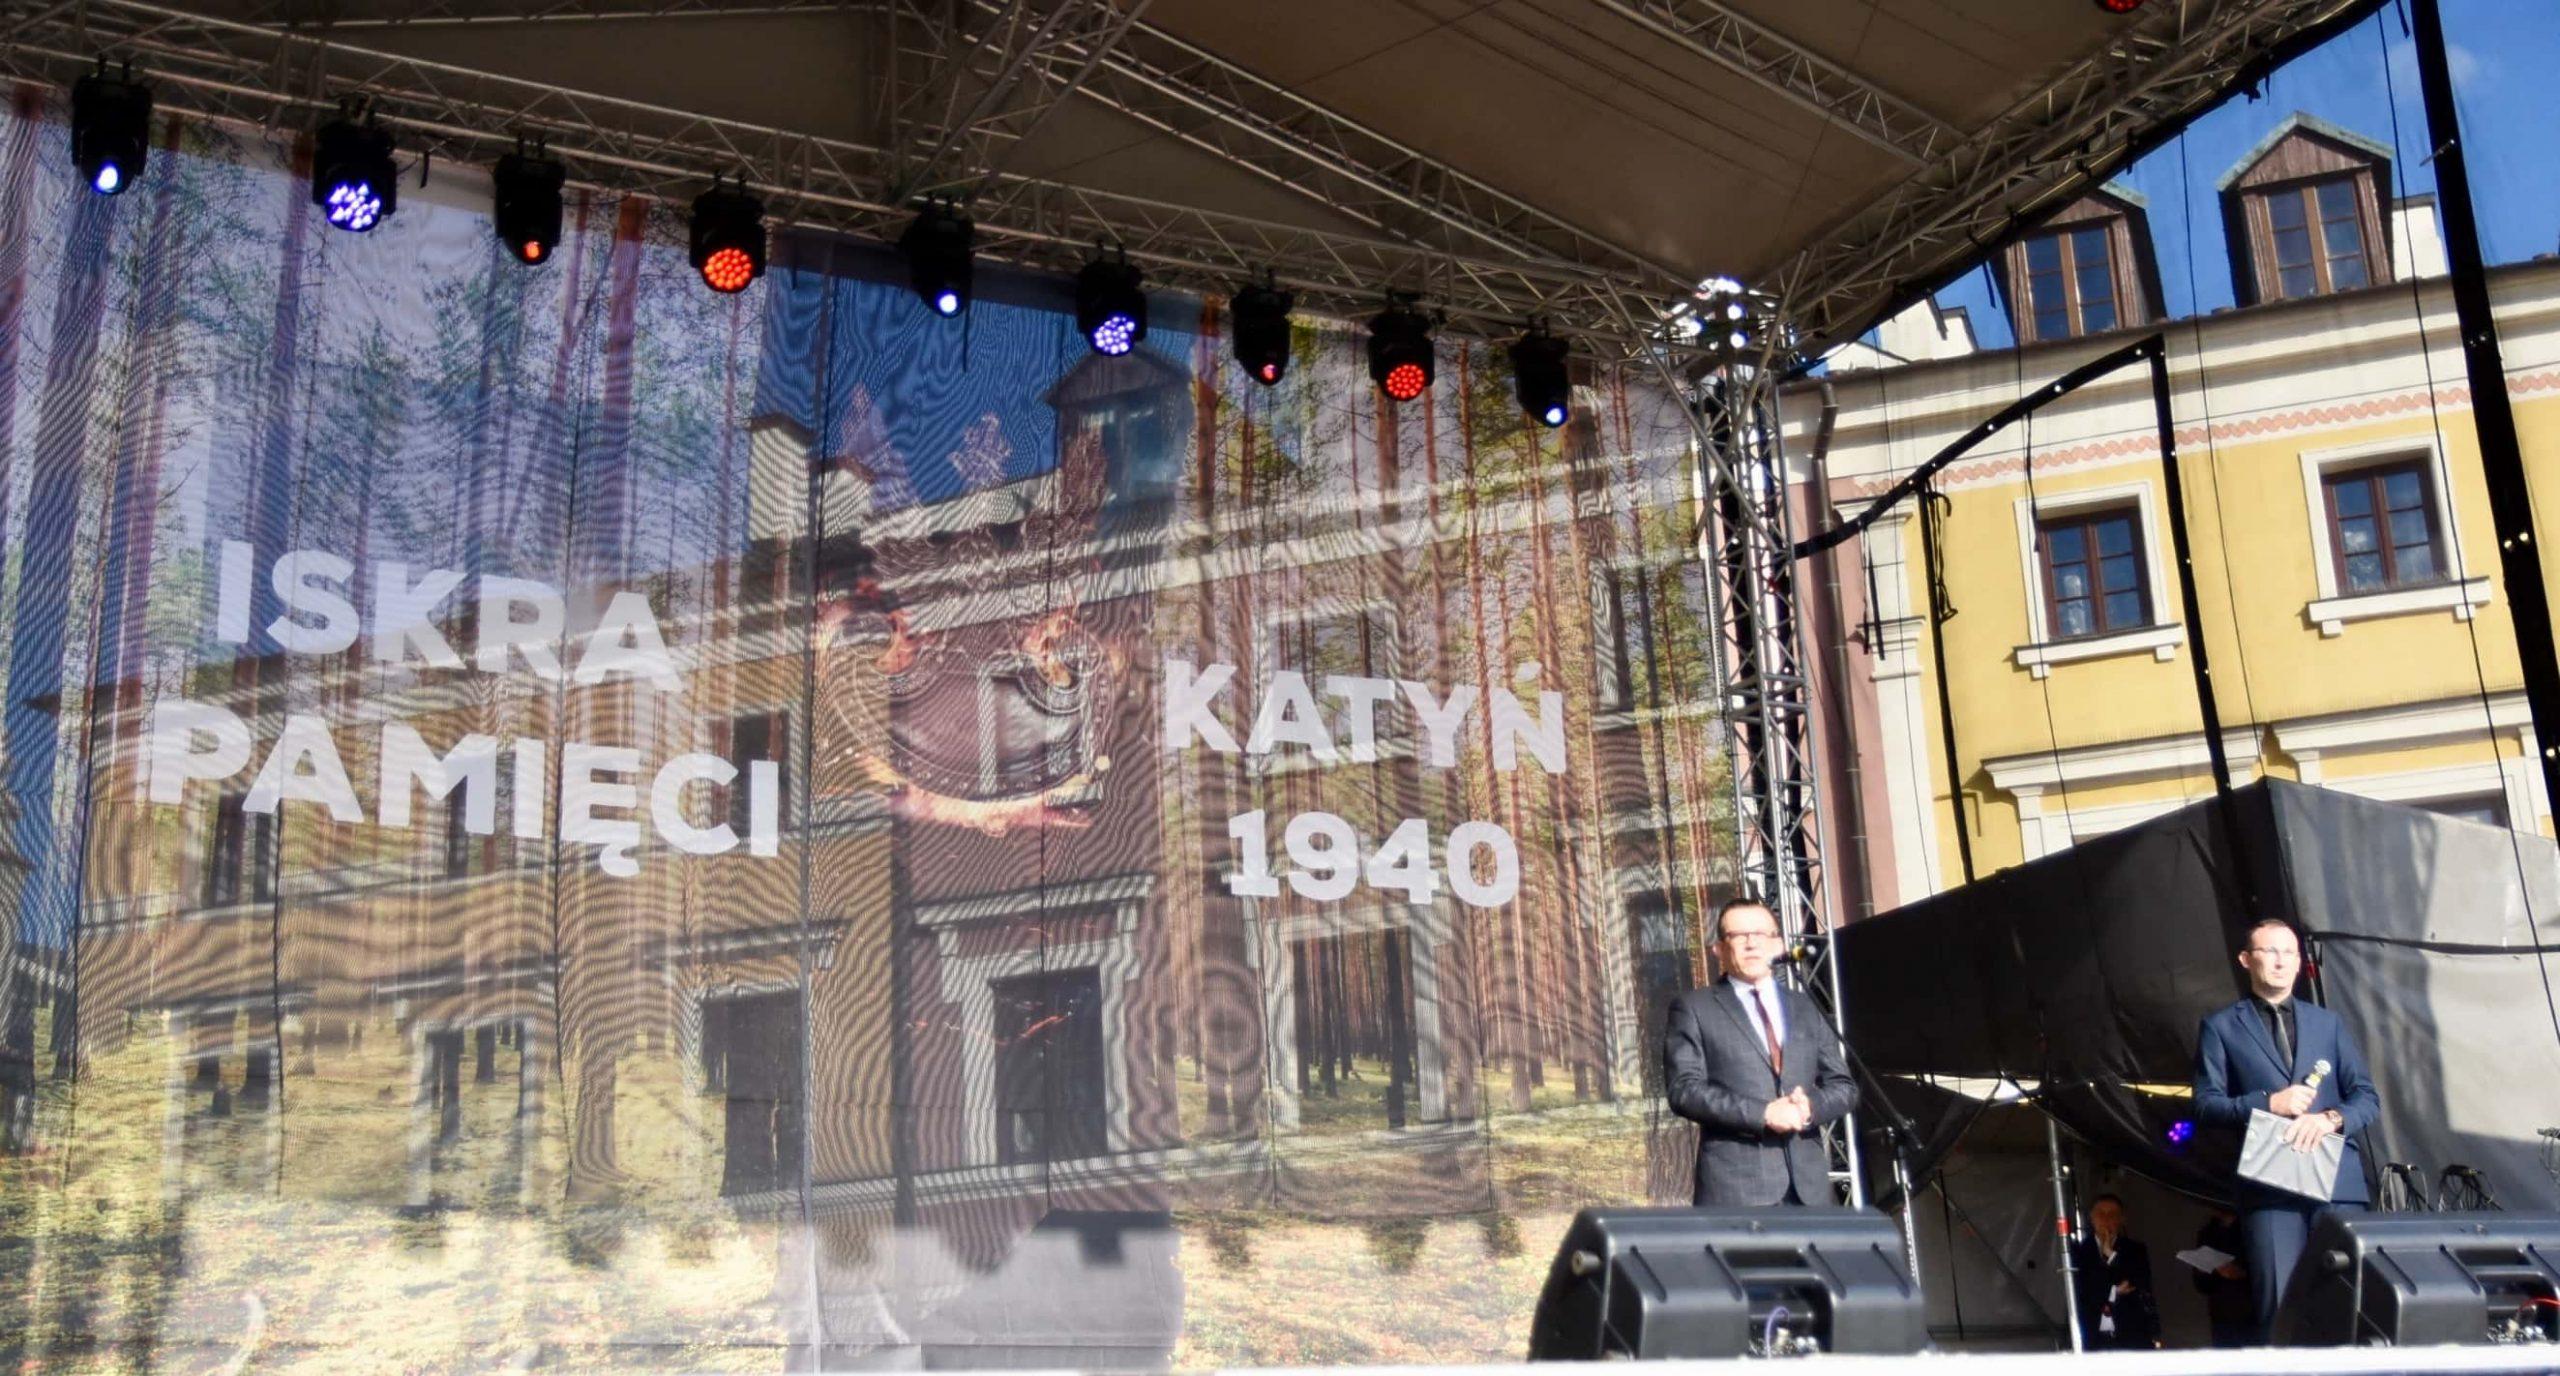 dsc 7144 scaled Tyle zniczy ilu zamordowanych w Katyniu (dużo zdjęć)